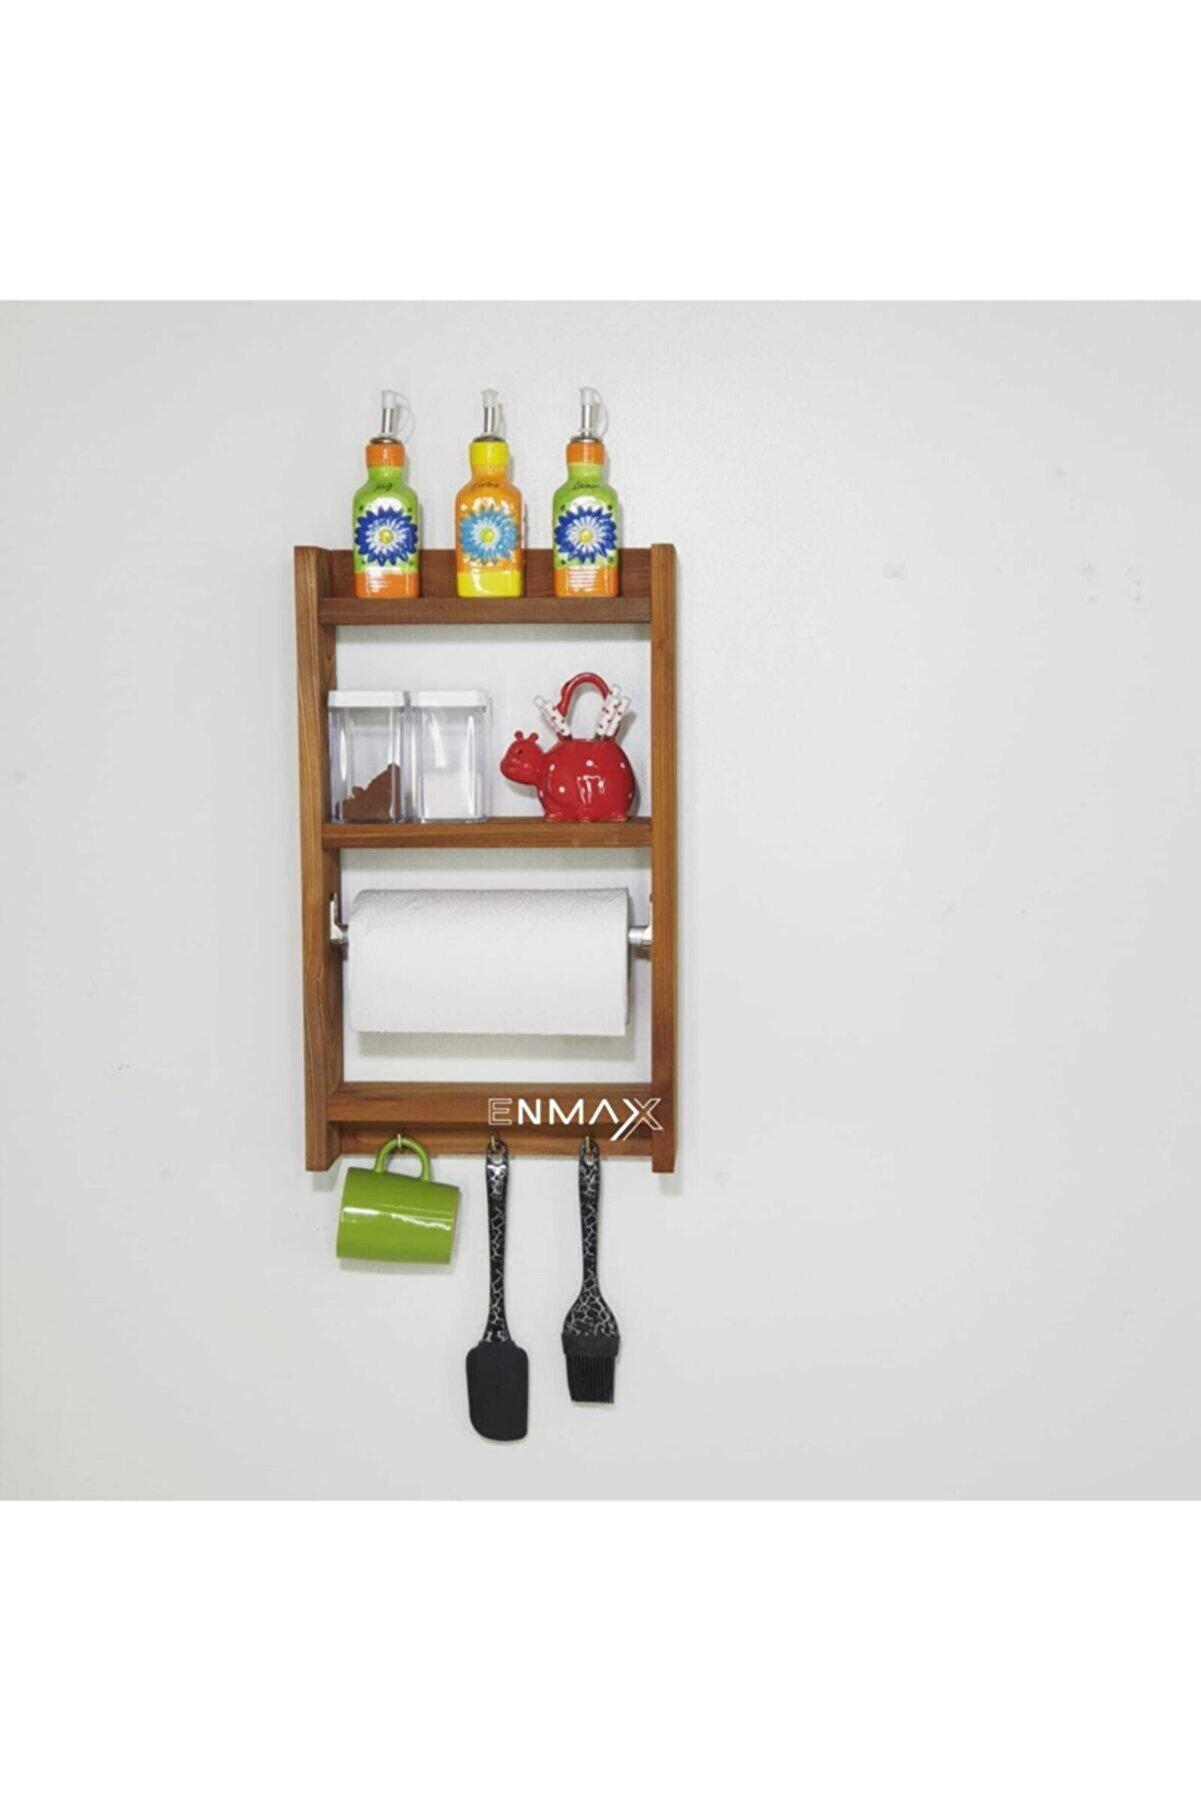 Enmax Ahşap Mutfak Banyo Duvar Rafı Kupalık Kağıt Havluluk Askılık